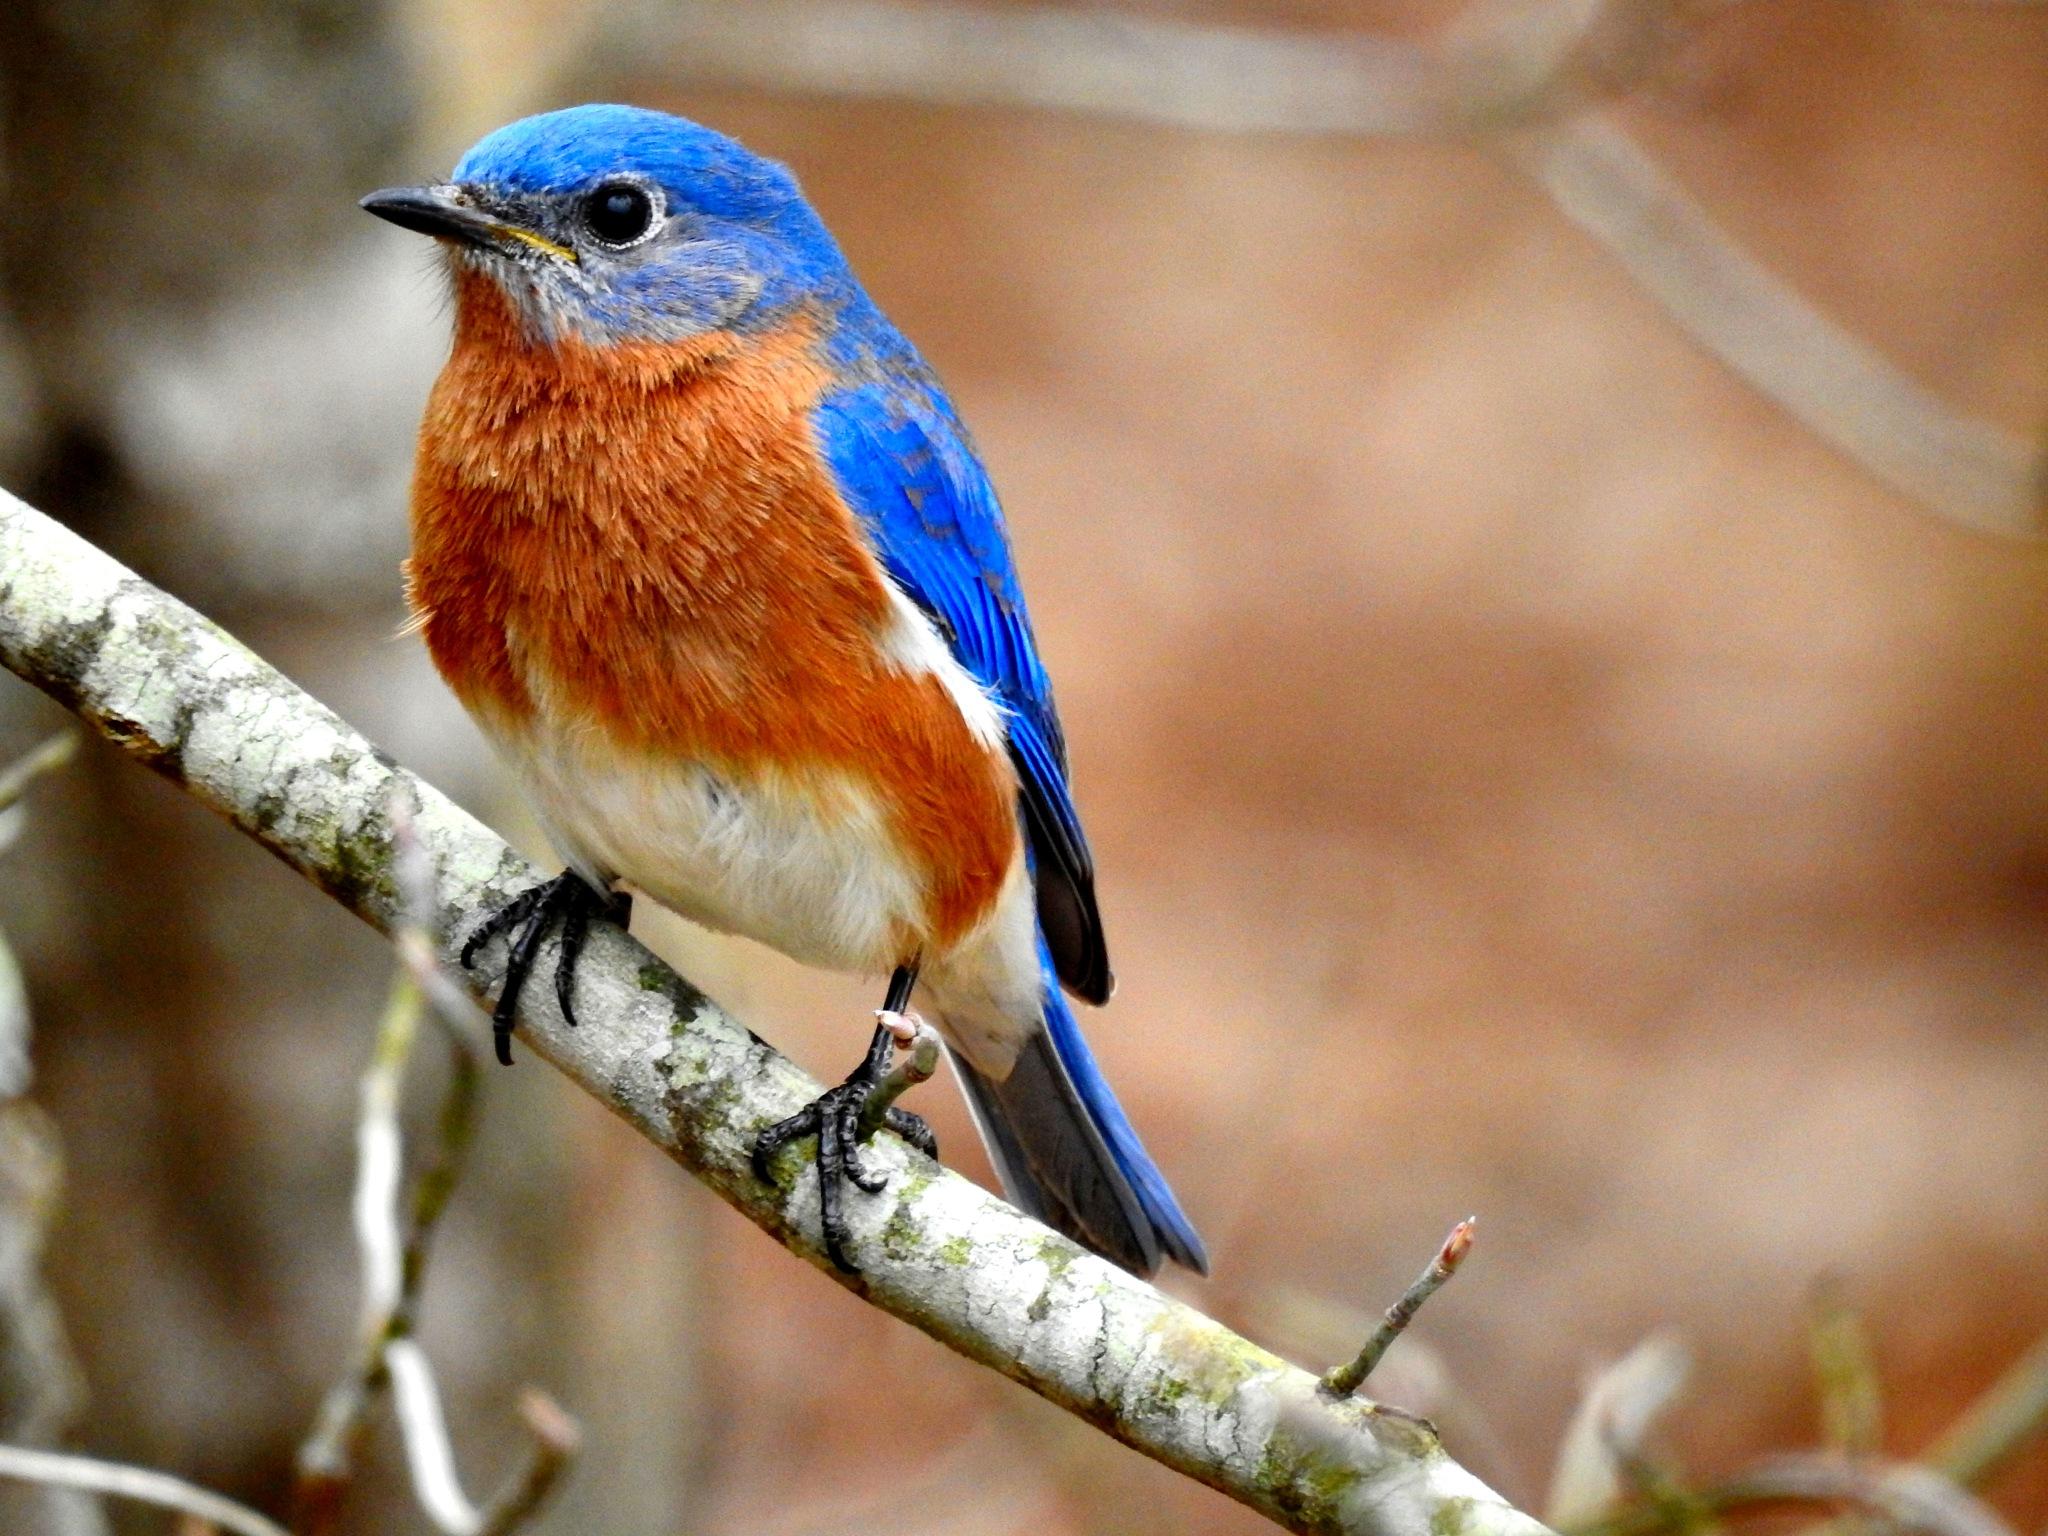 Mr. Bluebird by Patty Stockton